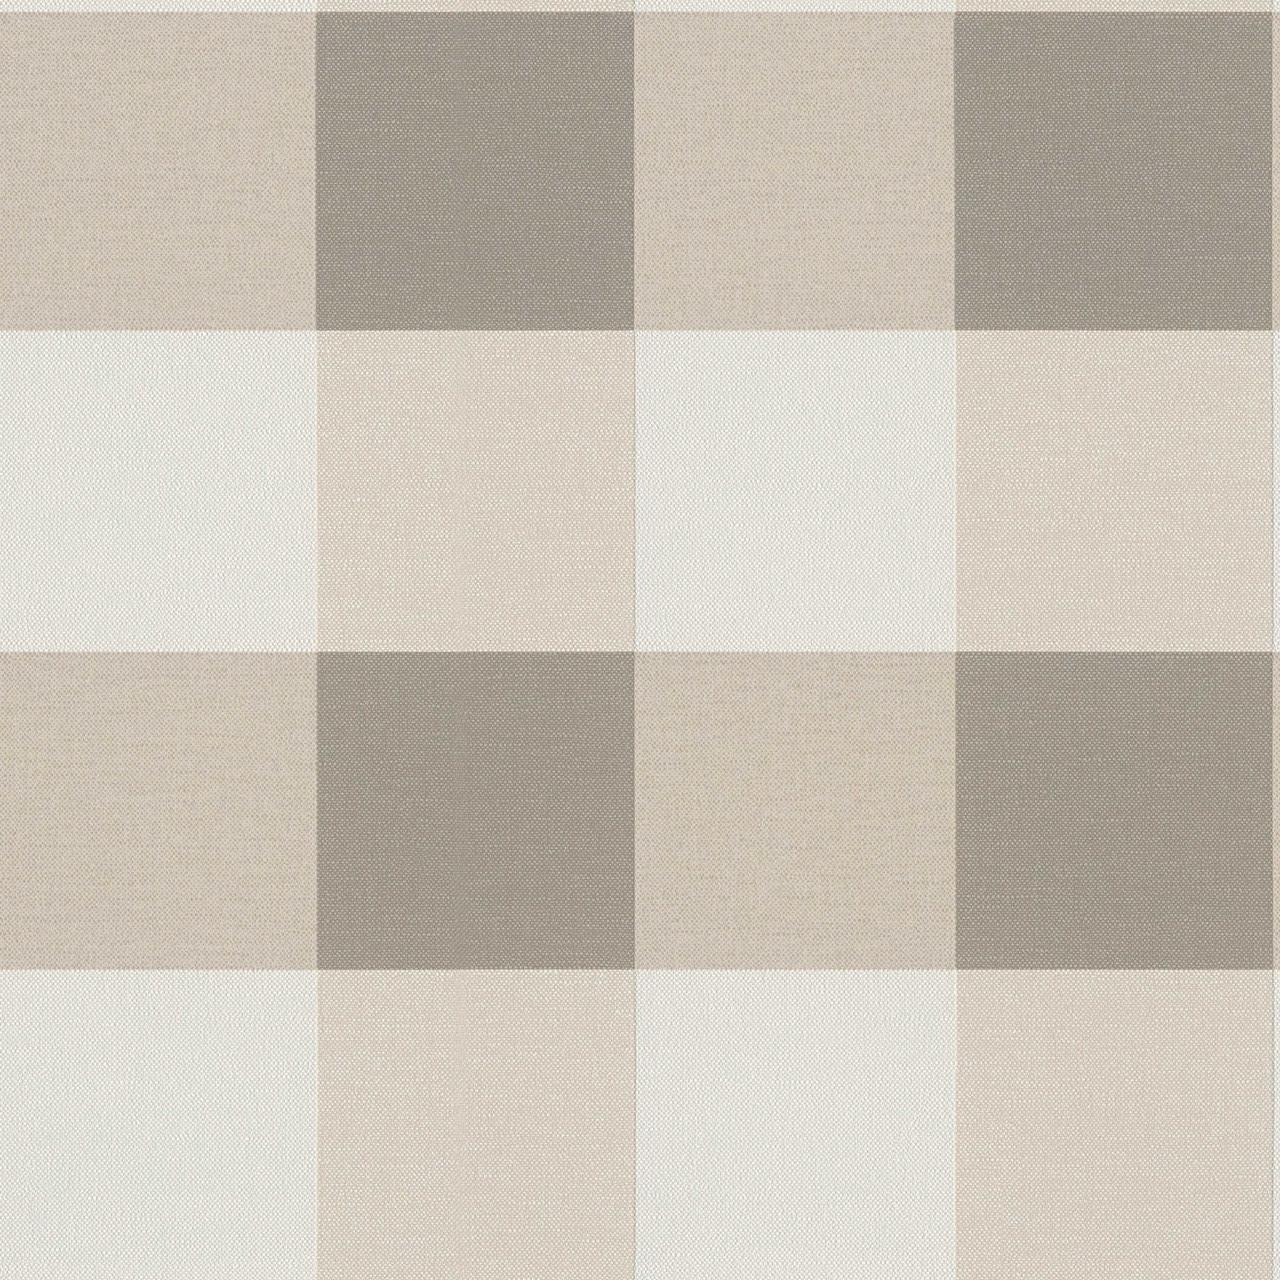 Німецькі вінілові шпалери ретро 206336 у велику світлу і темно-бежеву клітку. структура тканини та текстиль